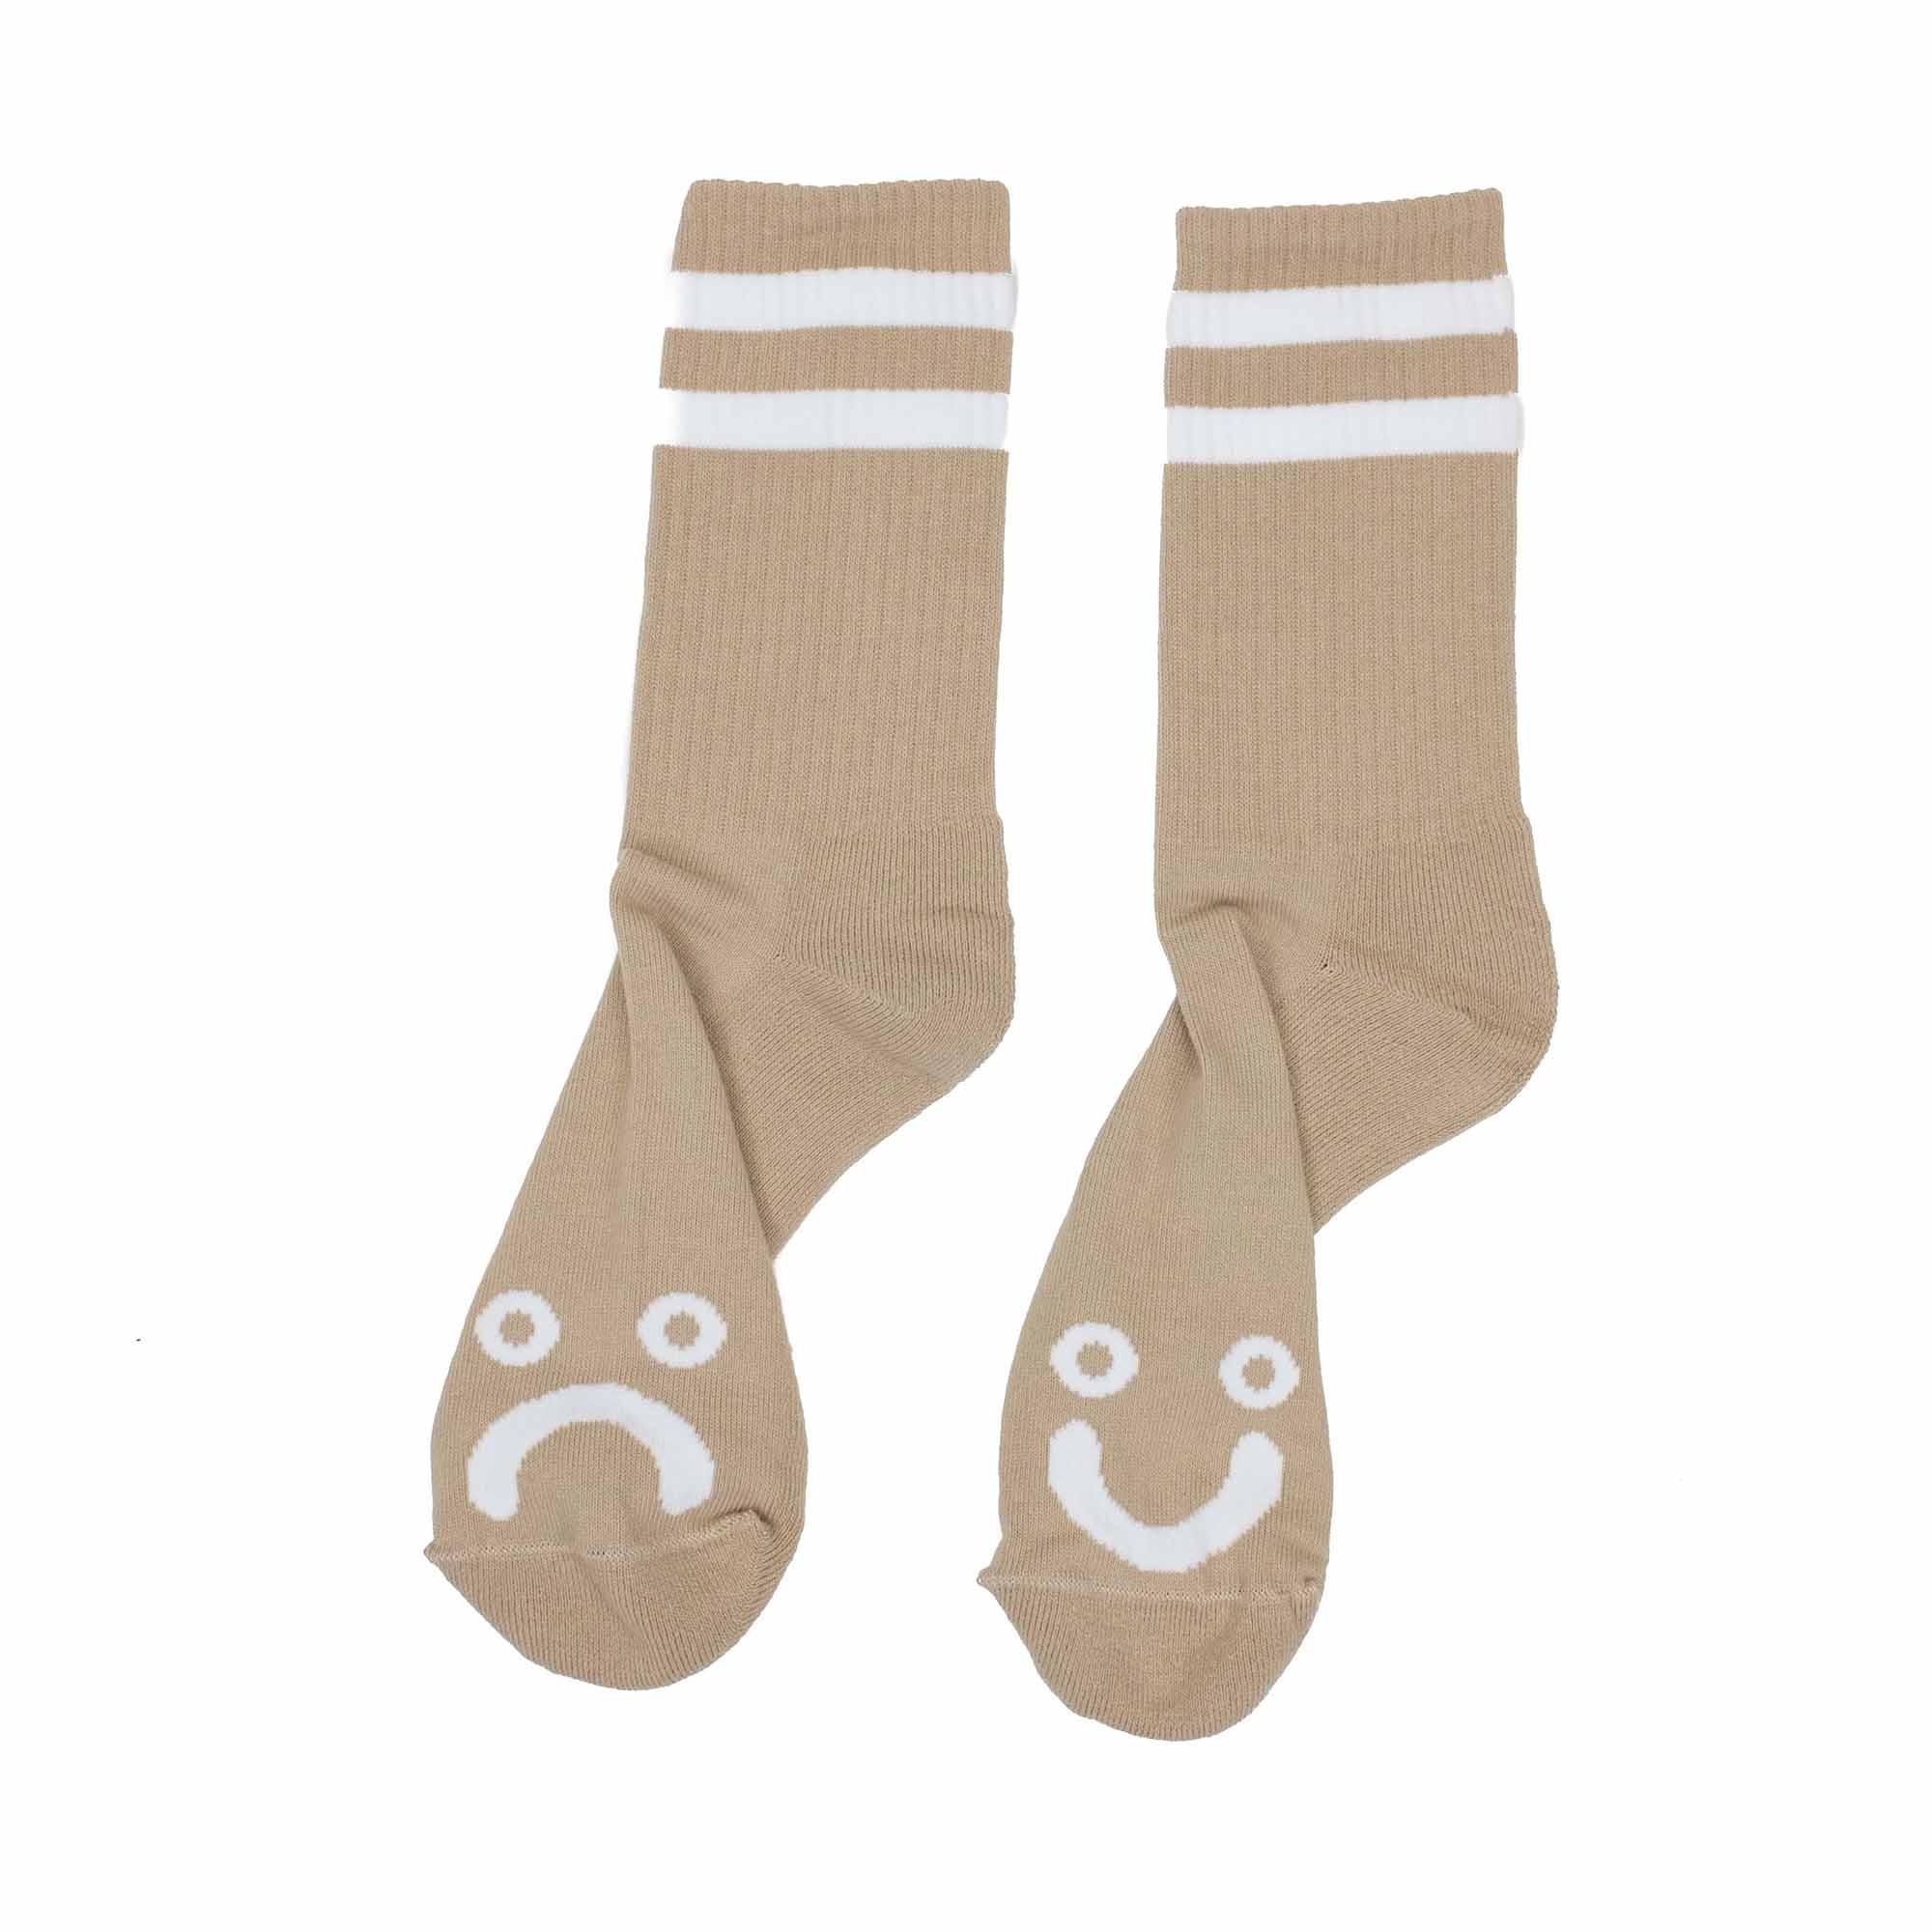 Polar Skate Co. Happy Sad Socks - Sand